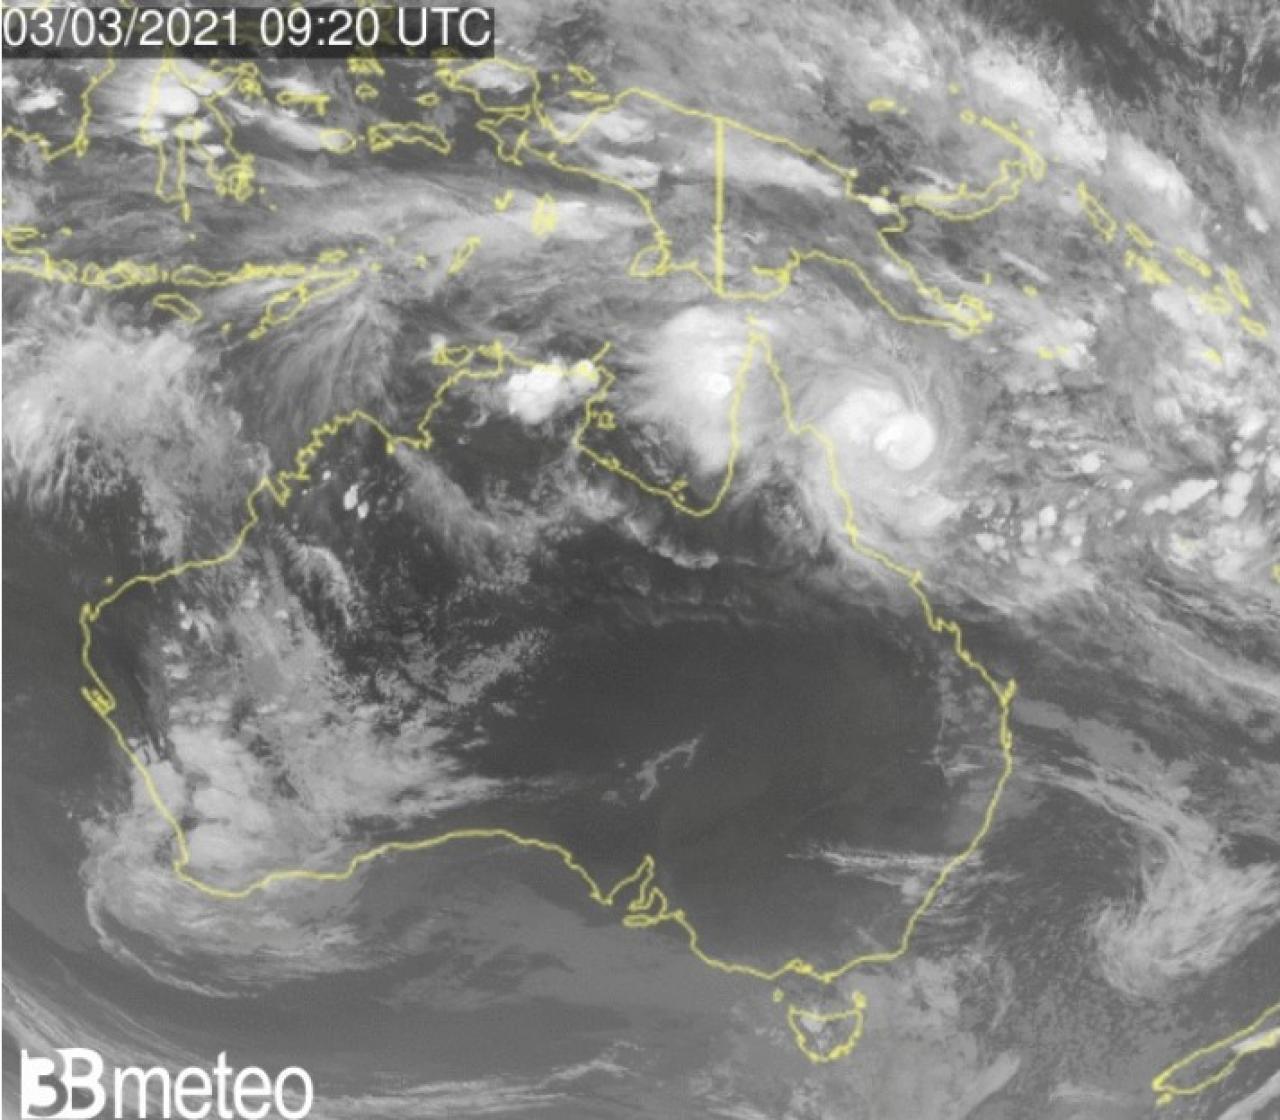 Il ciclone tropicale Niran visto dal satellite, a nordest dell'Australia